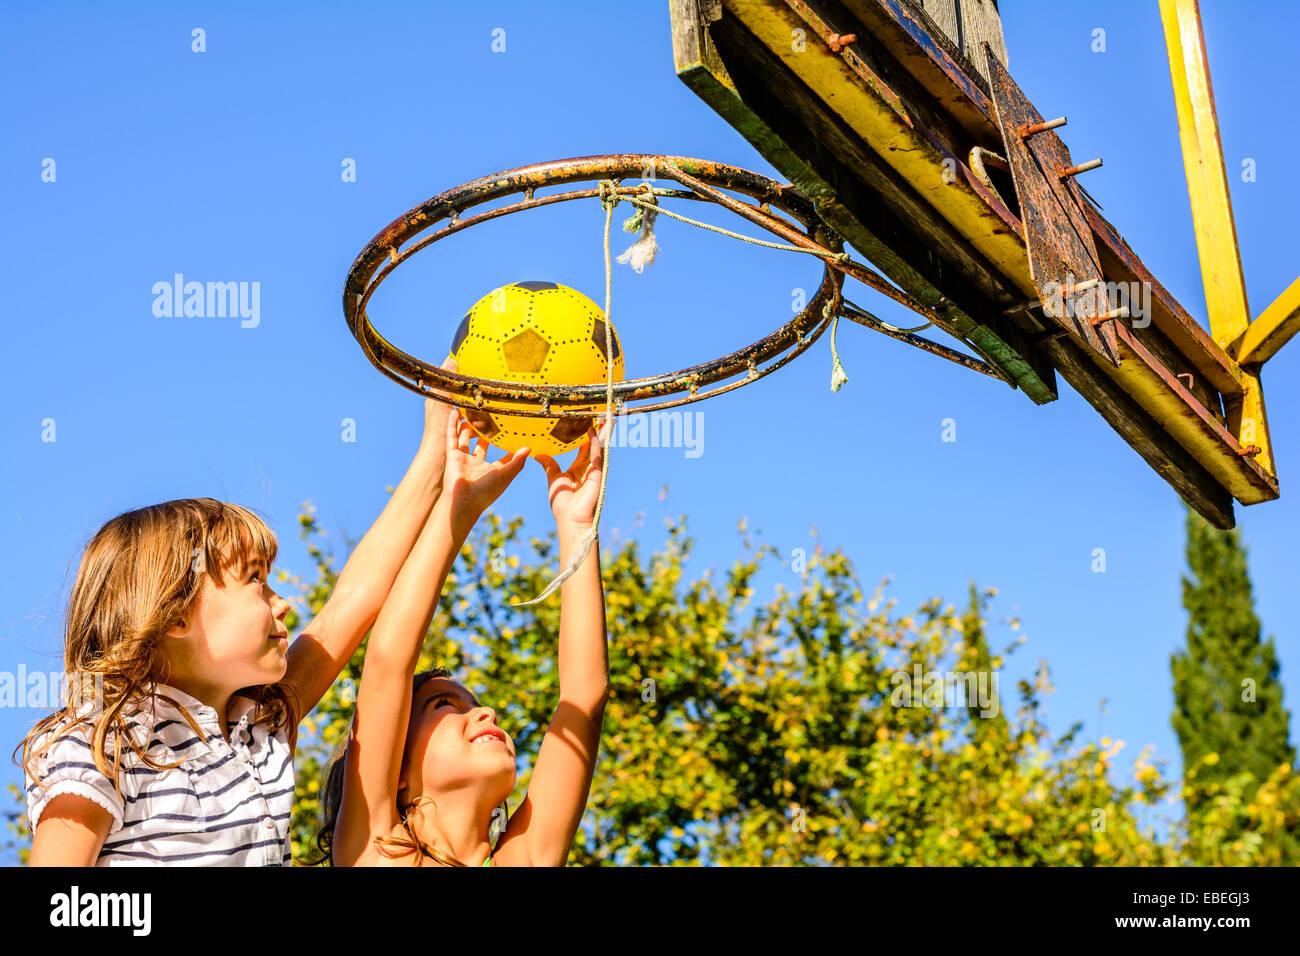 Deux filles de 7 ans jouant au basket-ball extérieur Photo Stock